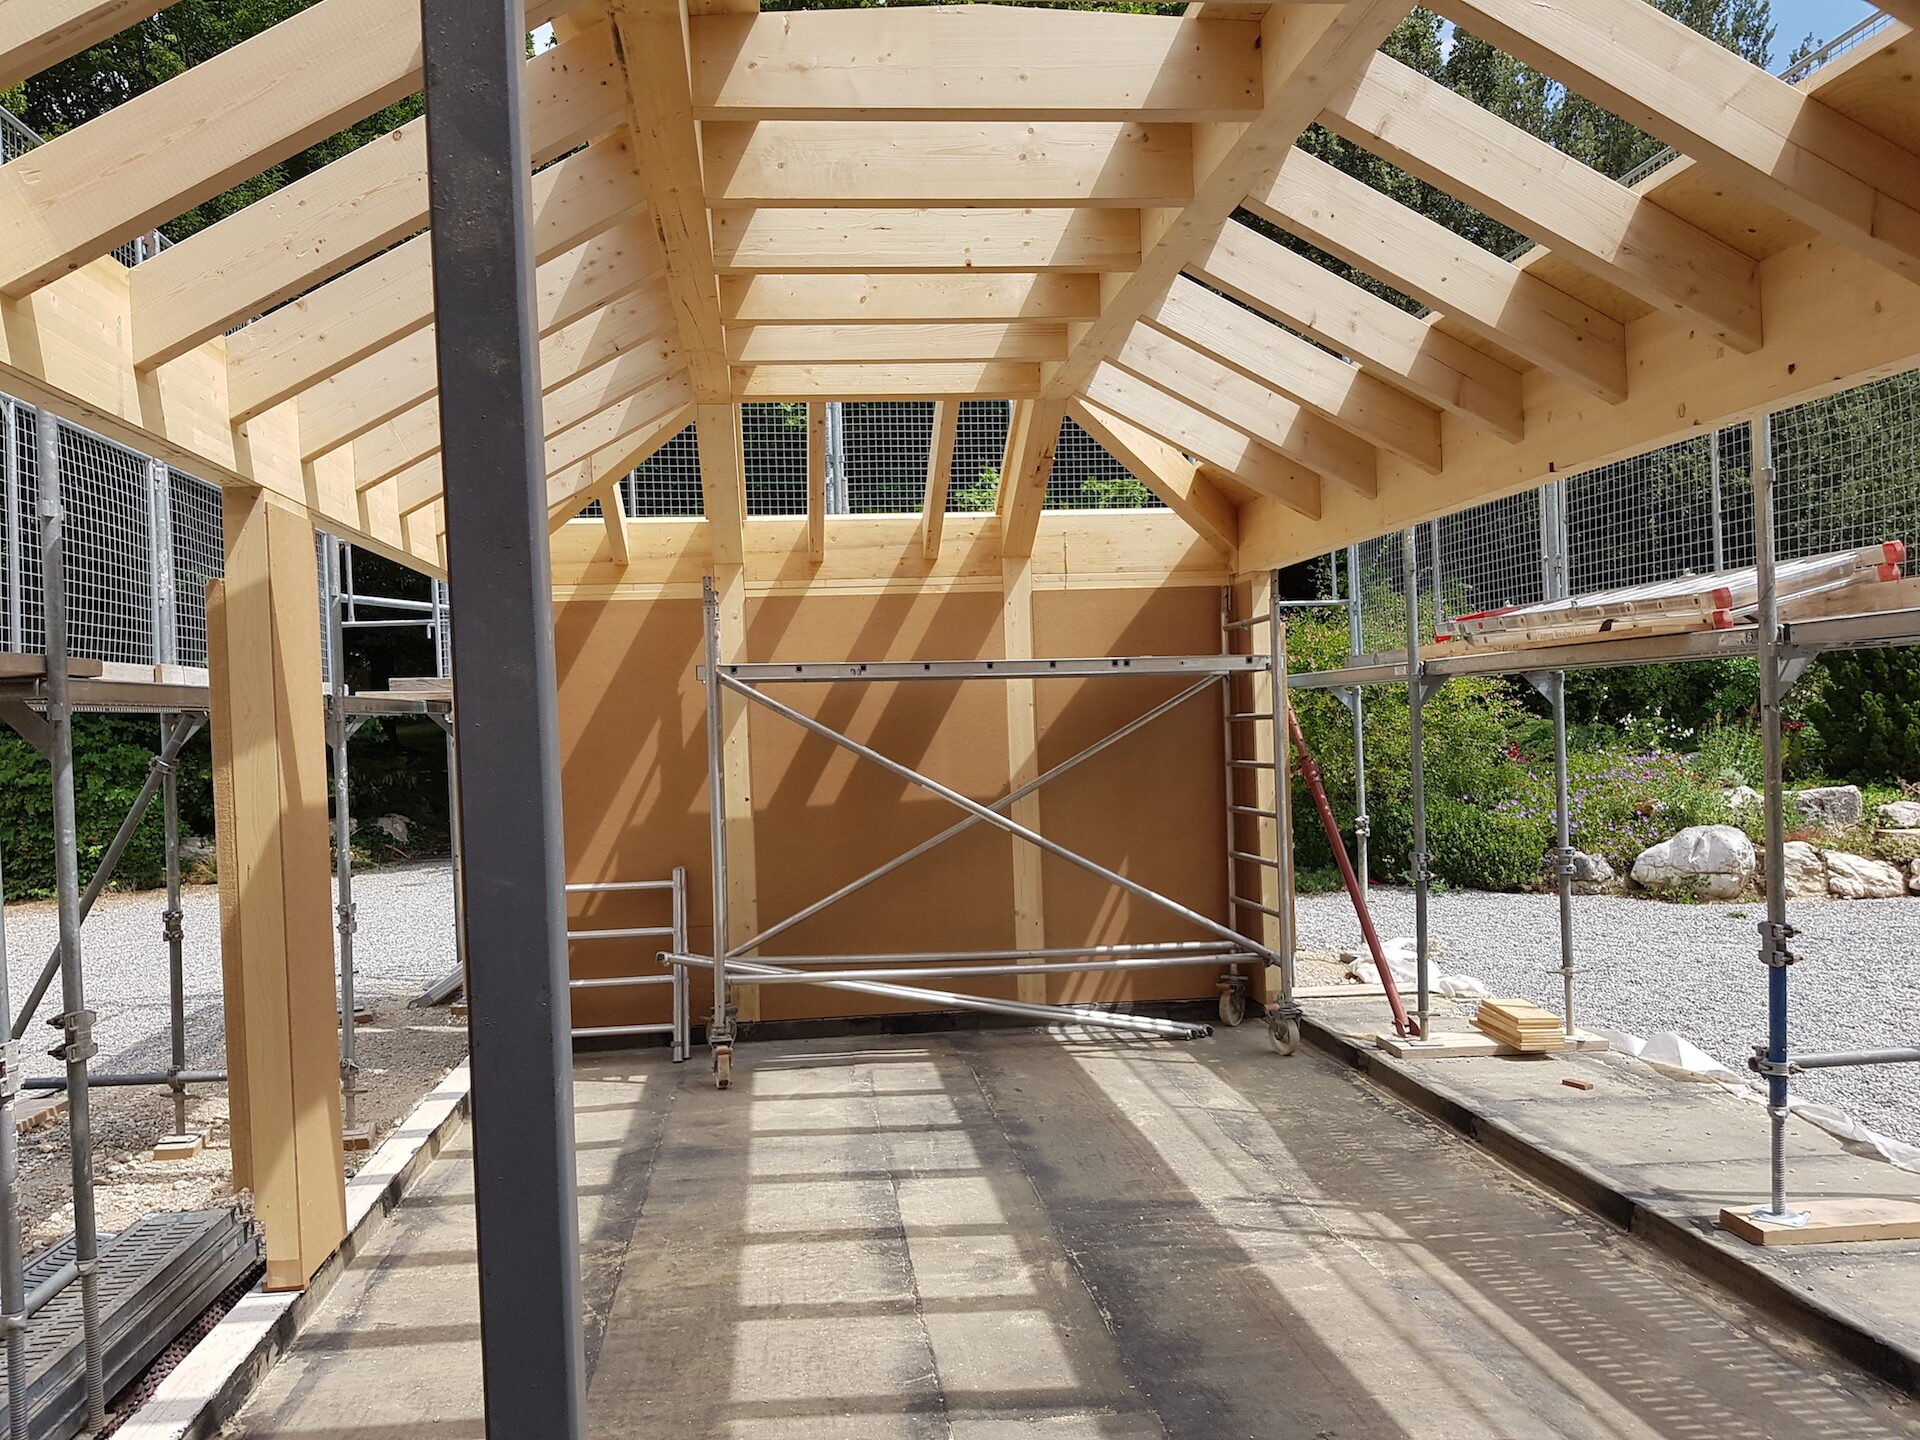 CSDK Construction pre%CC%81fabrique%CC%81e en bois 5 1920x1440 - Engagement durable - CSDK Construction pre%CC%81fabrique%CC%81e en bois 5 1920x1440